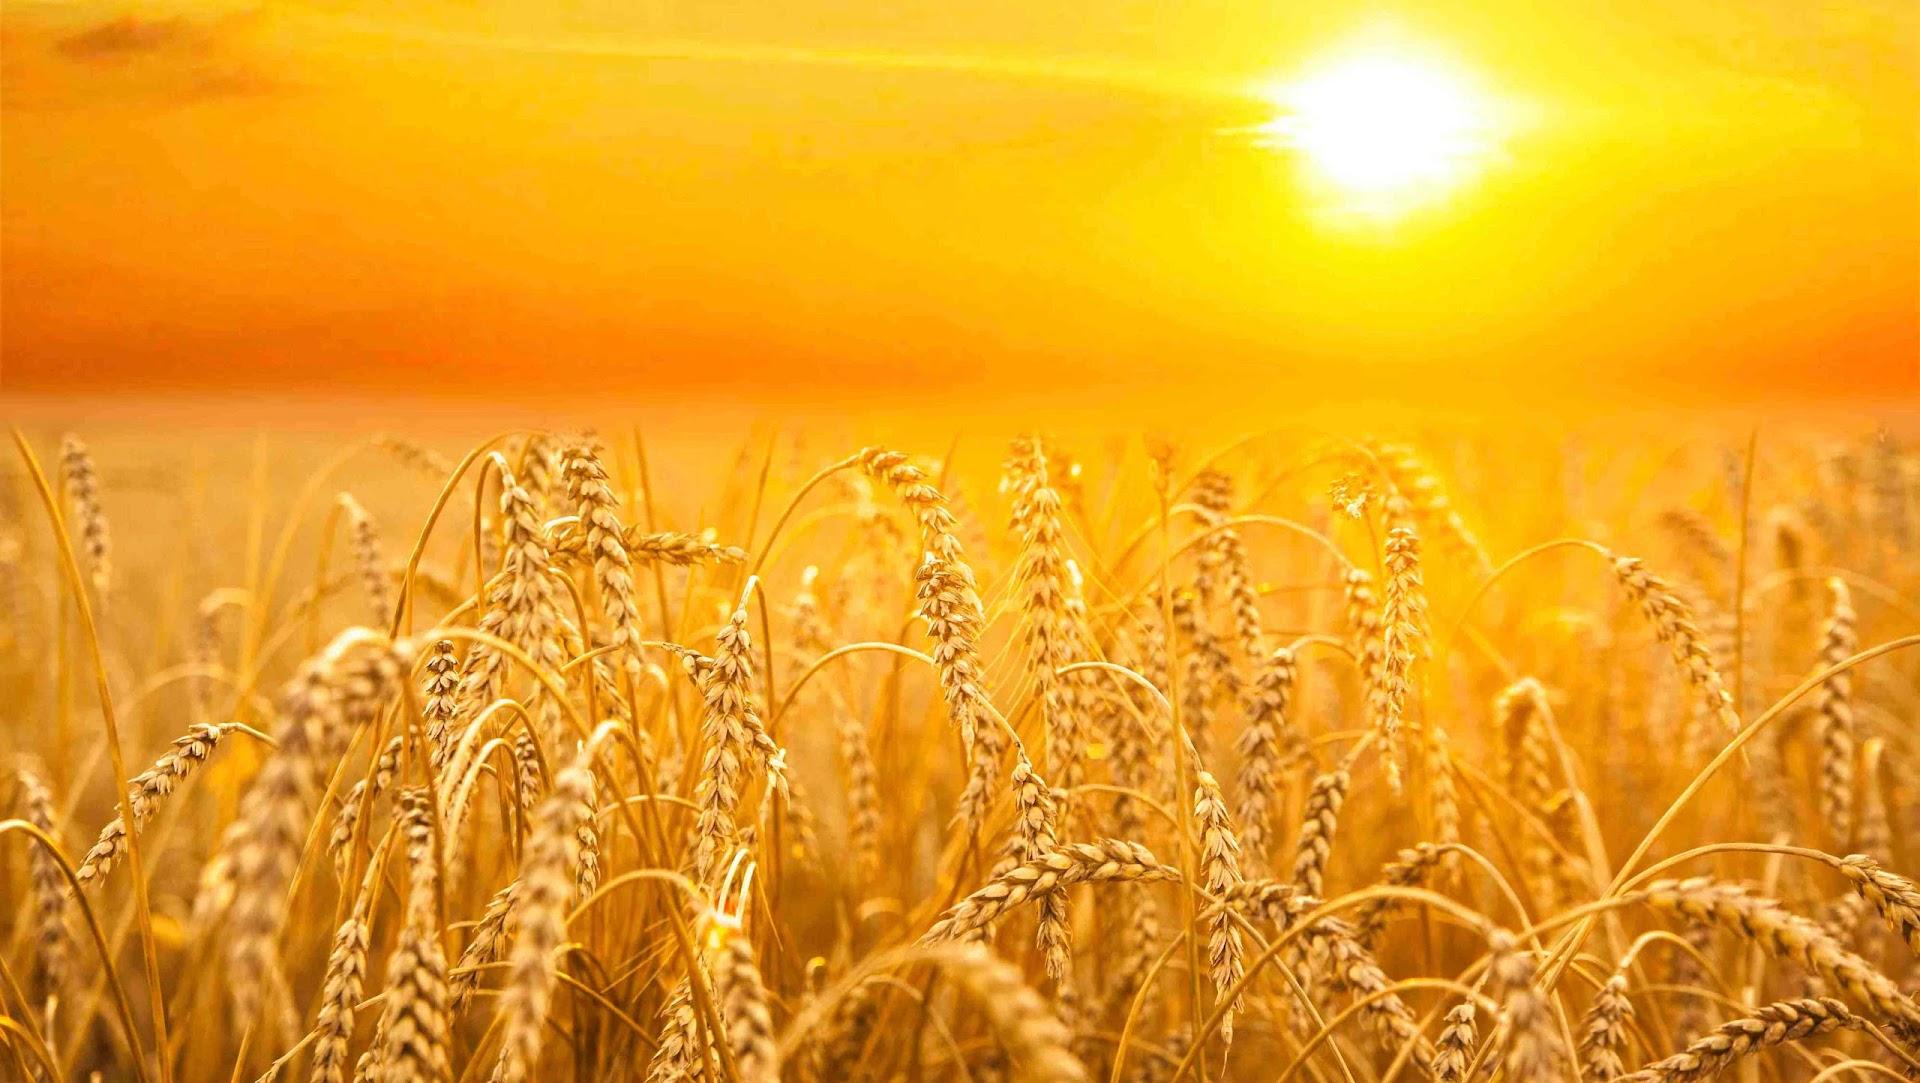 Жигули, фоны на открытки сельское хозяйство